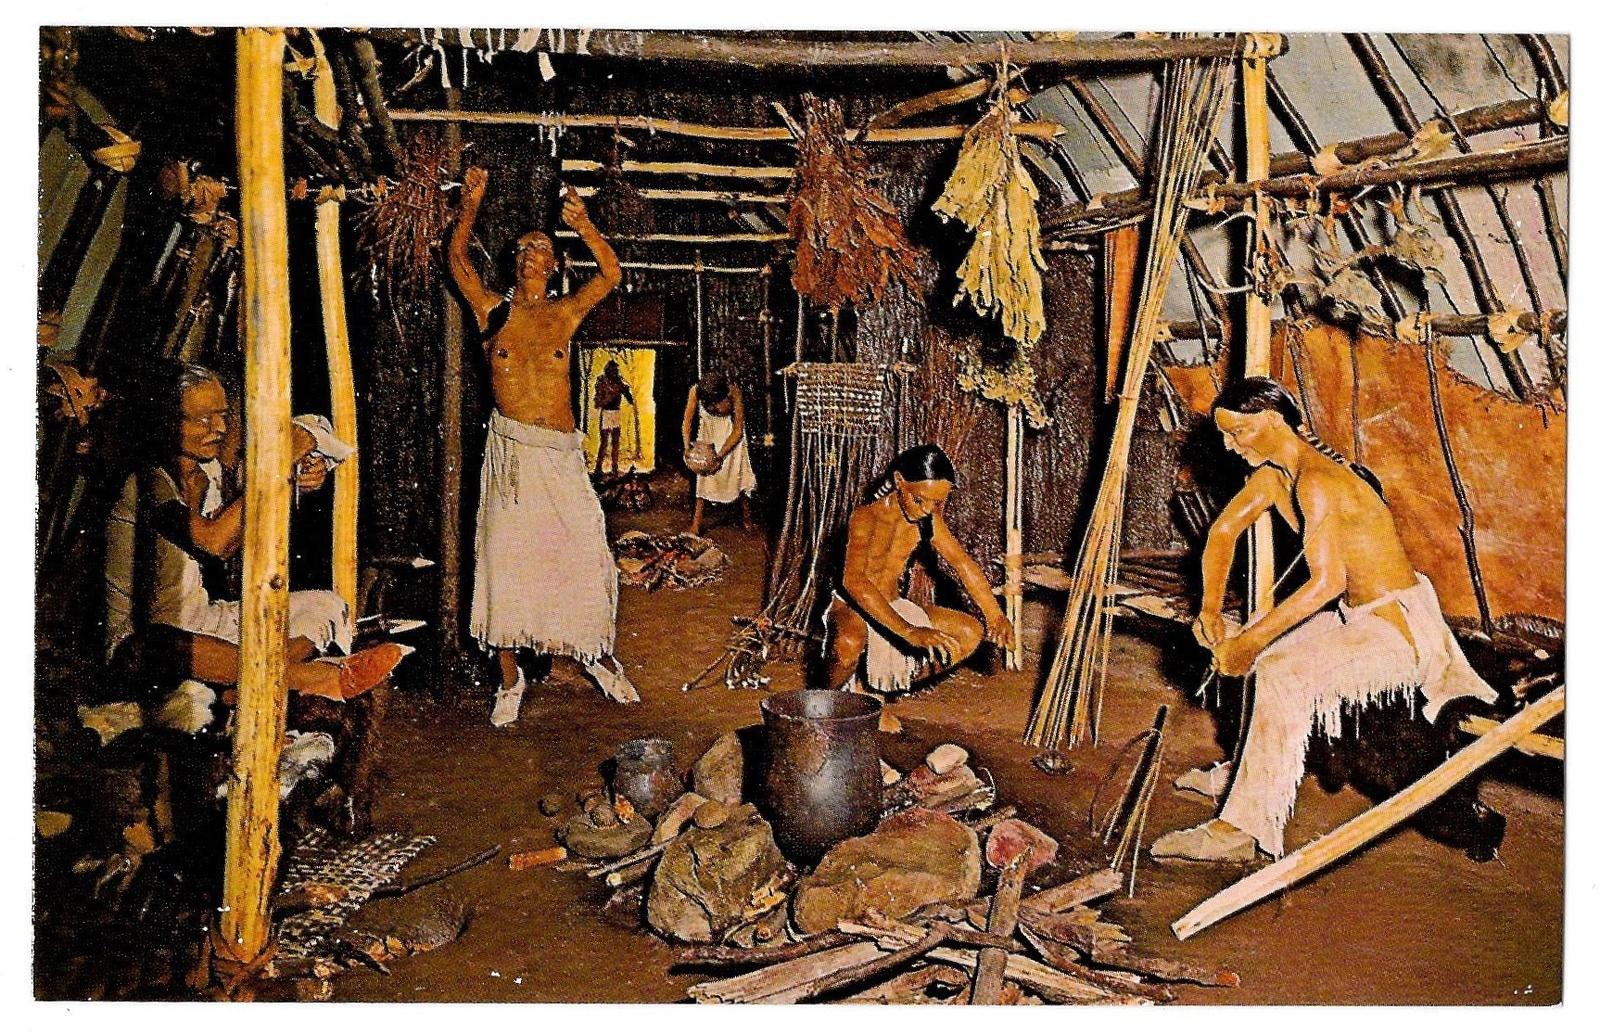 Bu 9040 3 native american william penn mem museum delaware longhouse